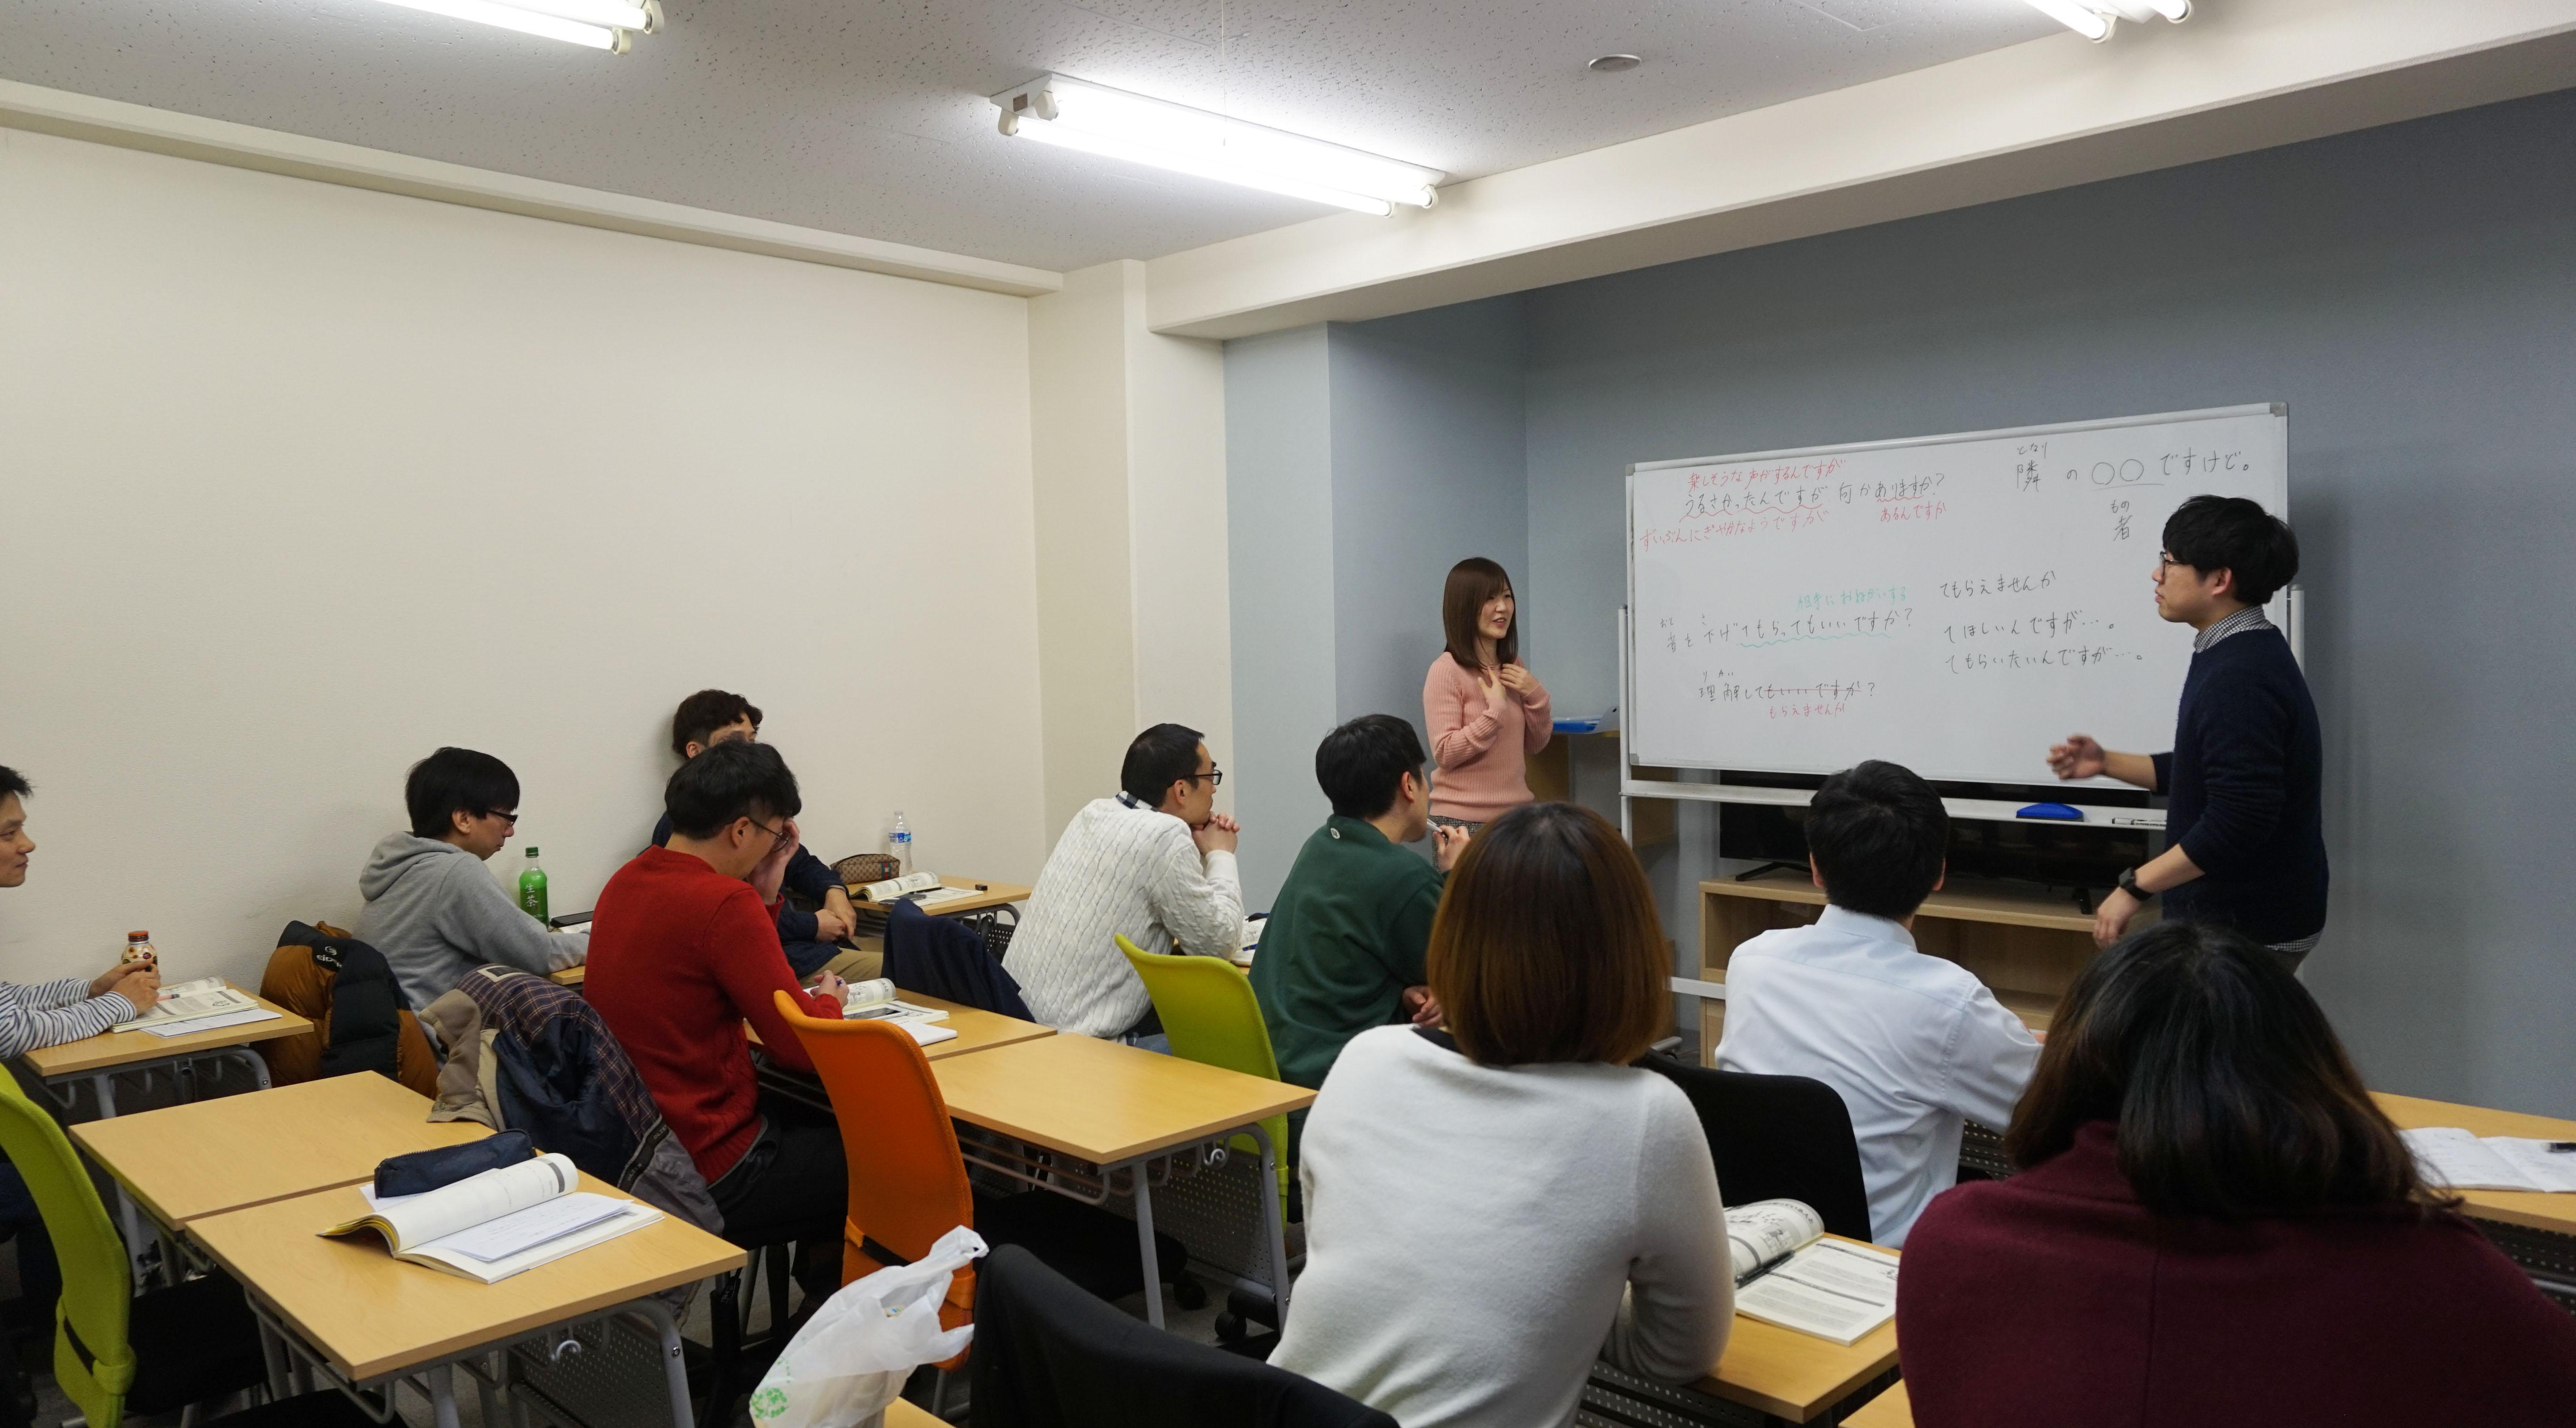 中級会話クラス